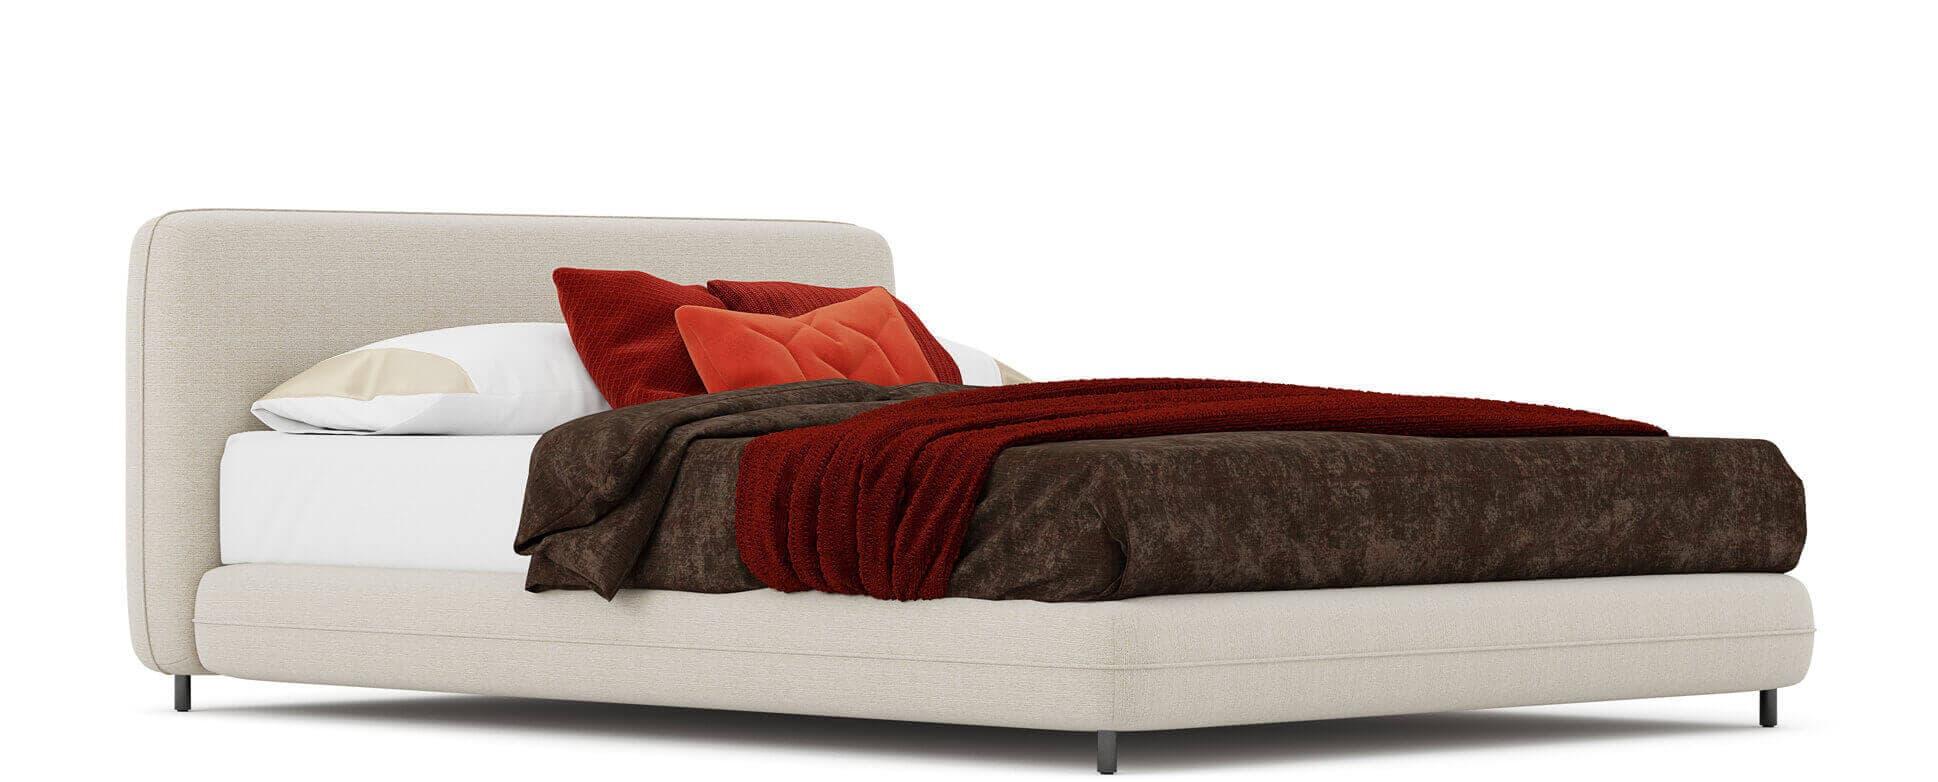 Ліжка (Одеса) на замовлення від виробника - Delavega